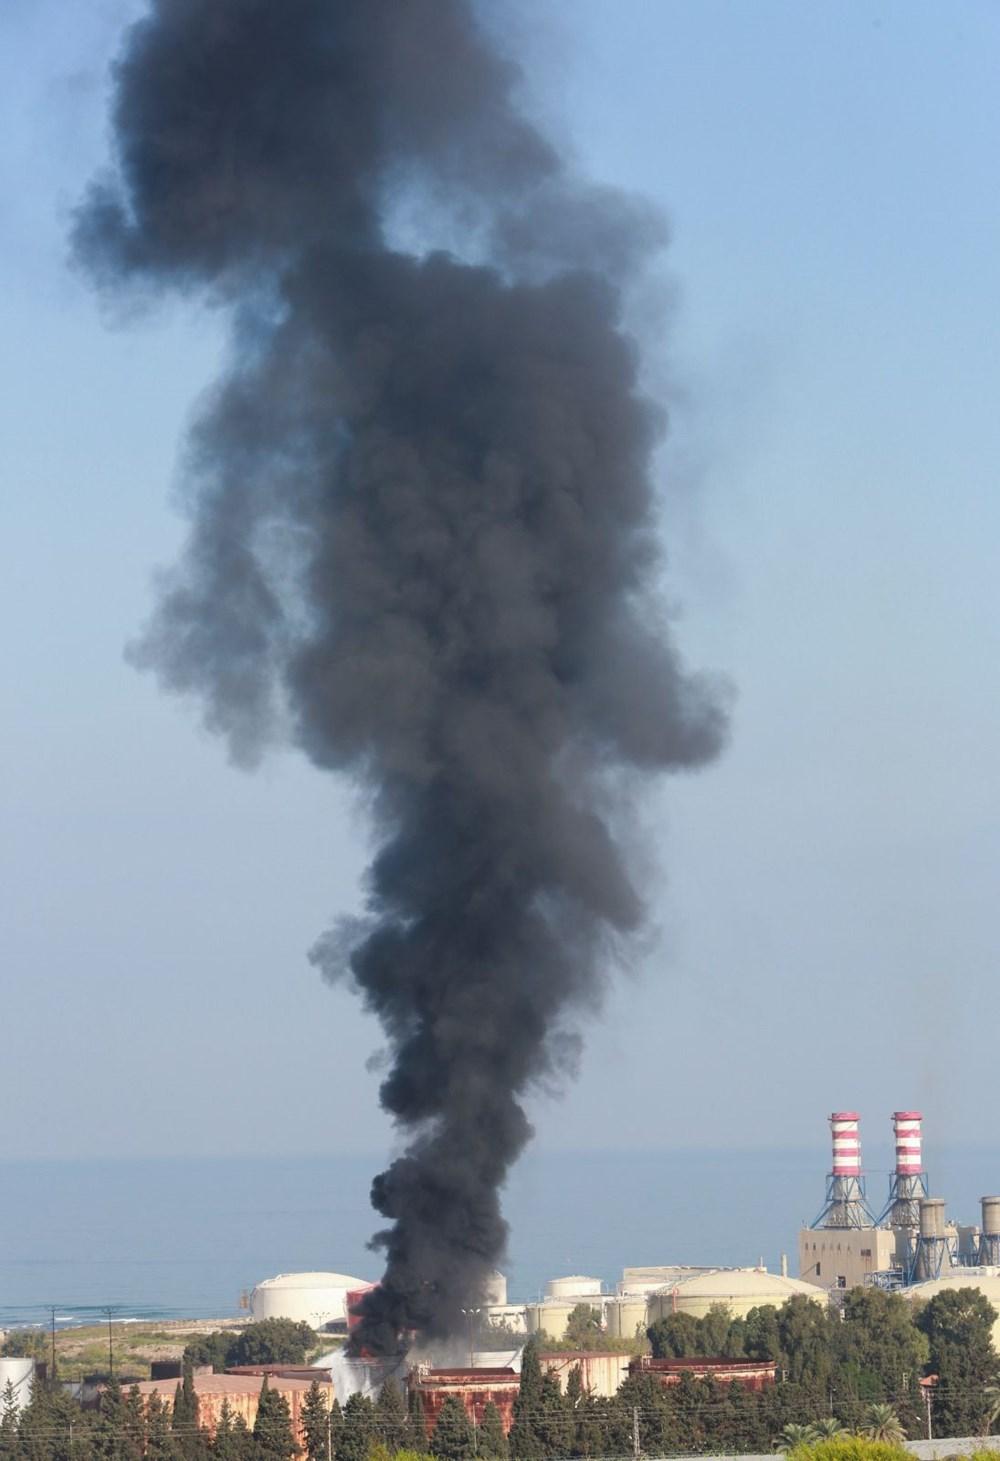 Lübnan'da petrol tesisinde yangın - 7